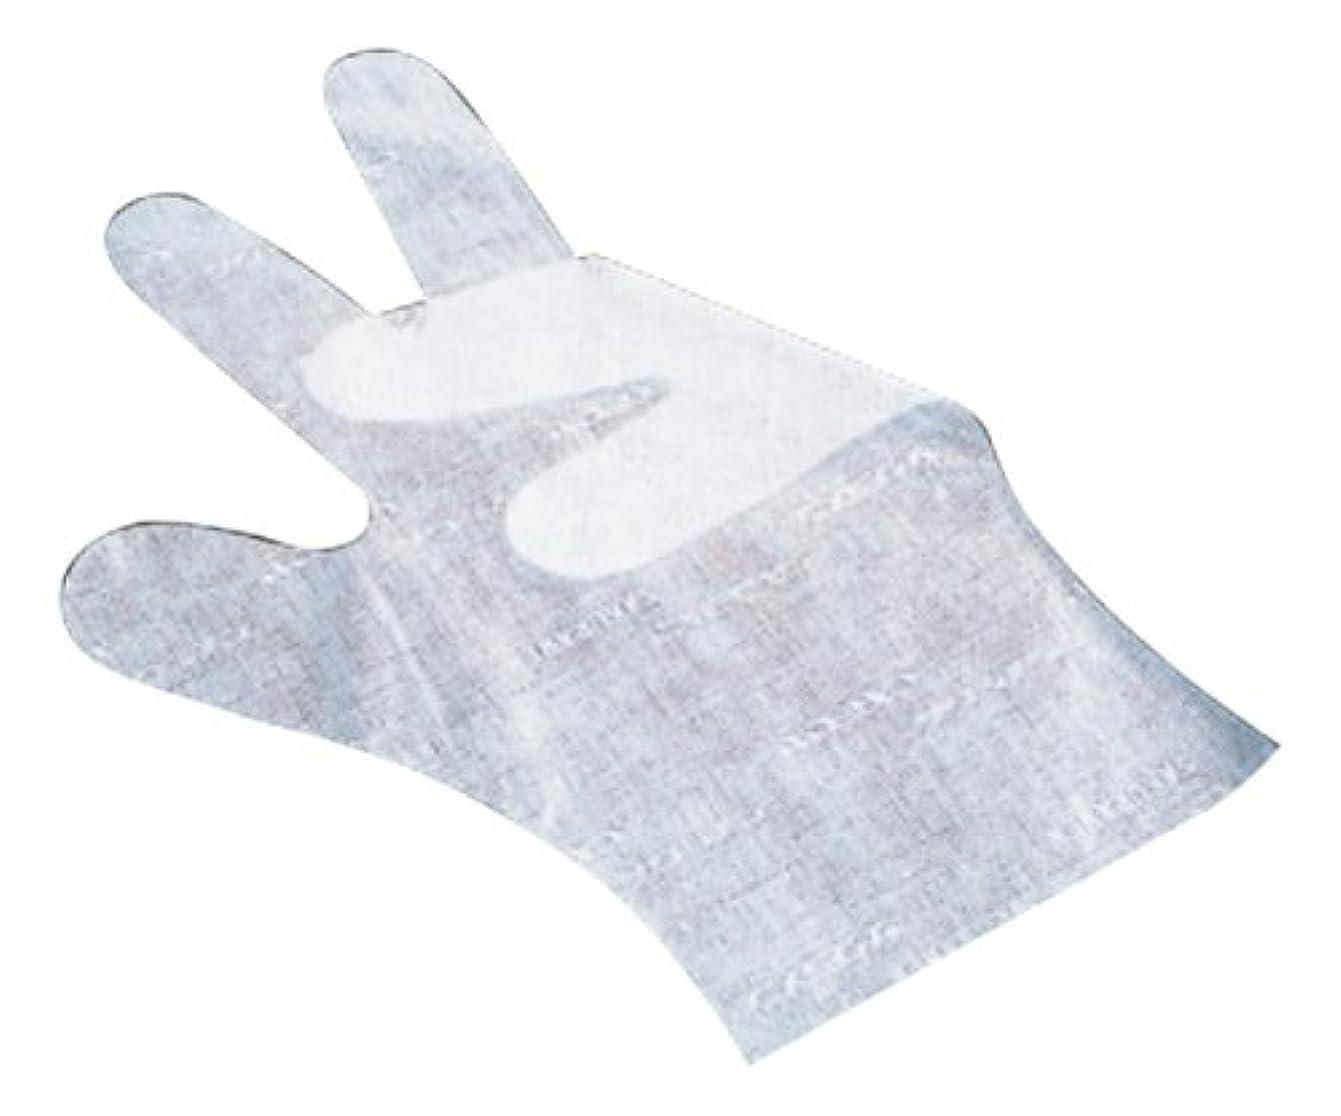 スクラップブック学部師匠サクラメン手袋 デラックス(100枚入)L ホワイト 35μ